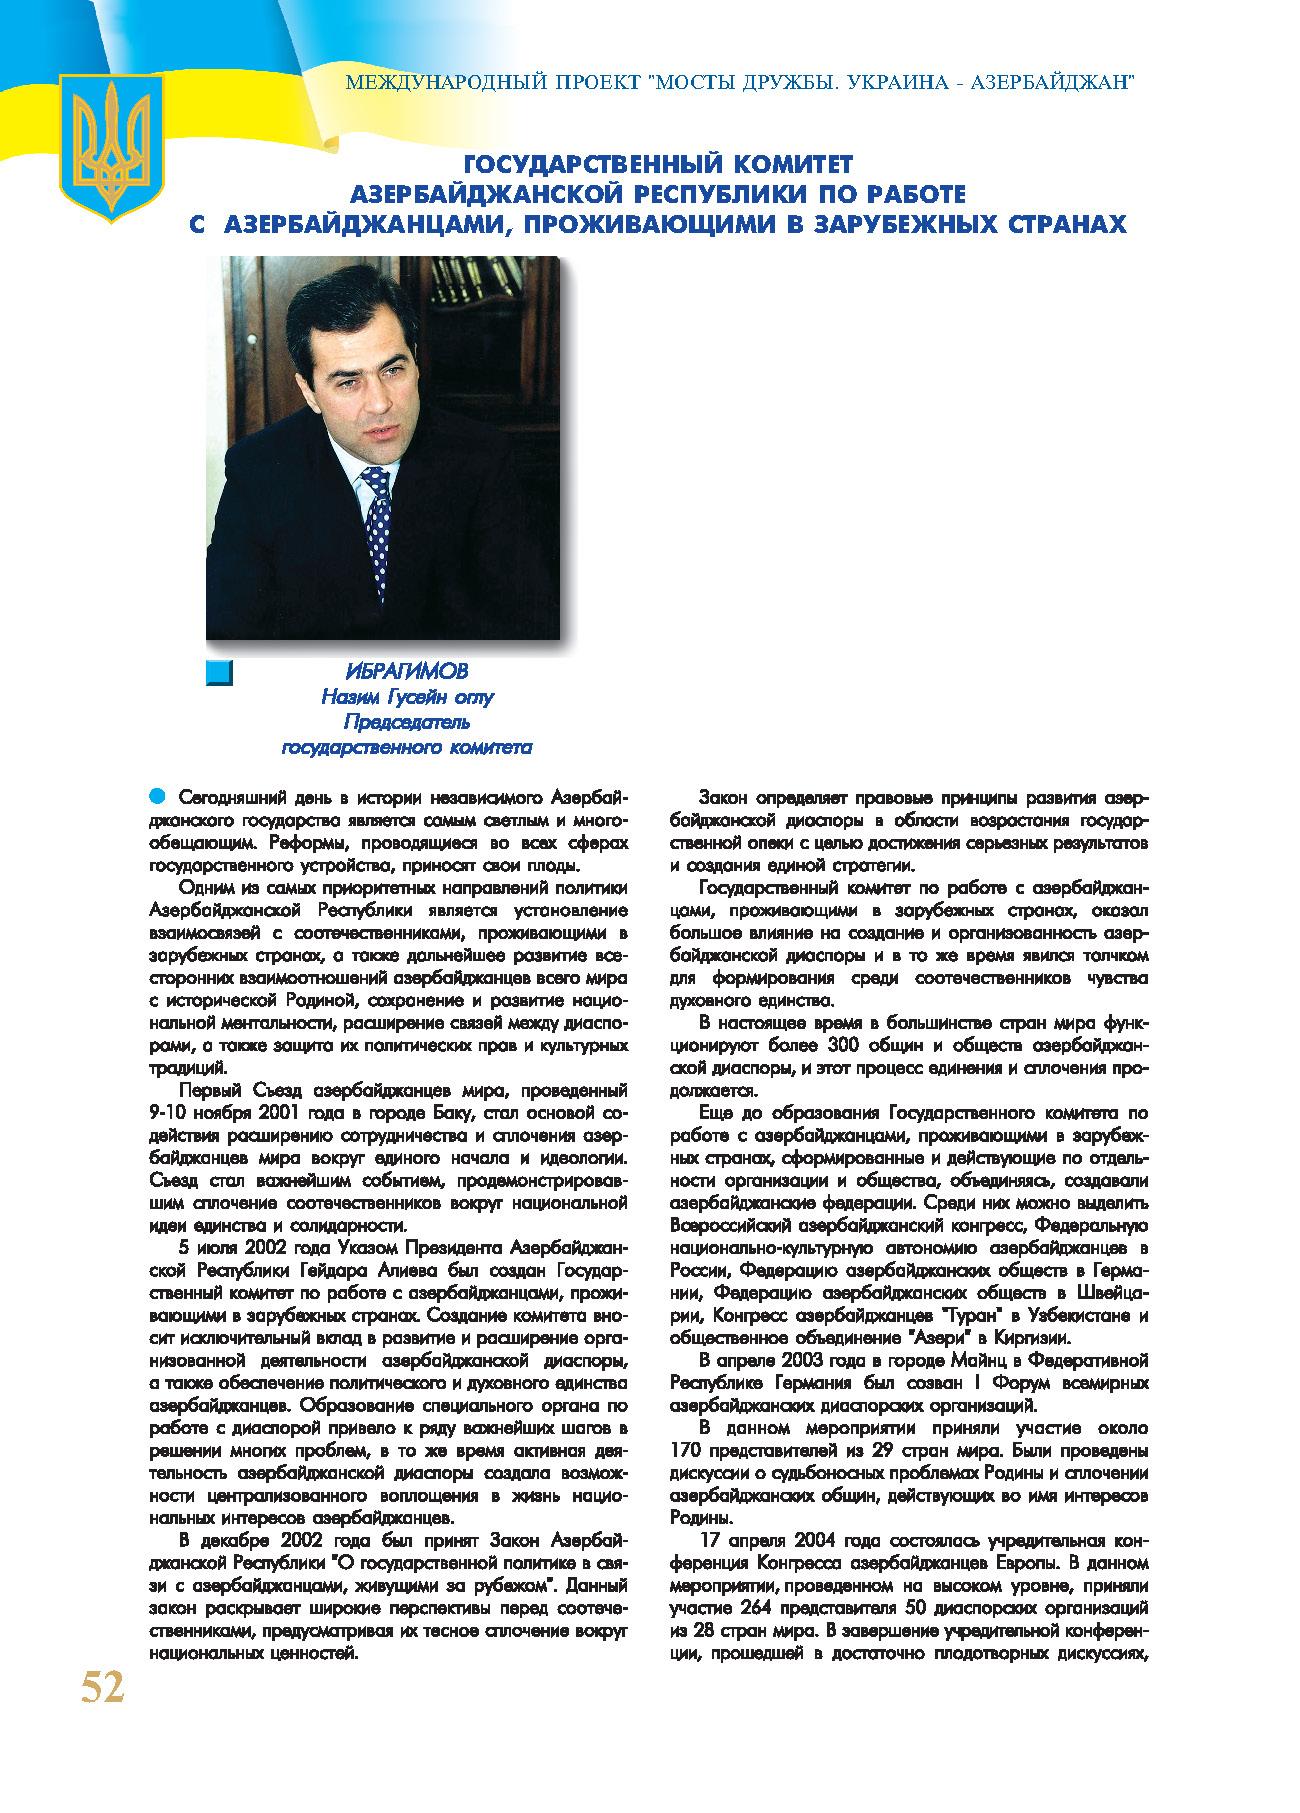 Государственный комитет Азербайджанской Республики по работе с азербайджанцами, проживающими в зарубежных странах